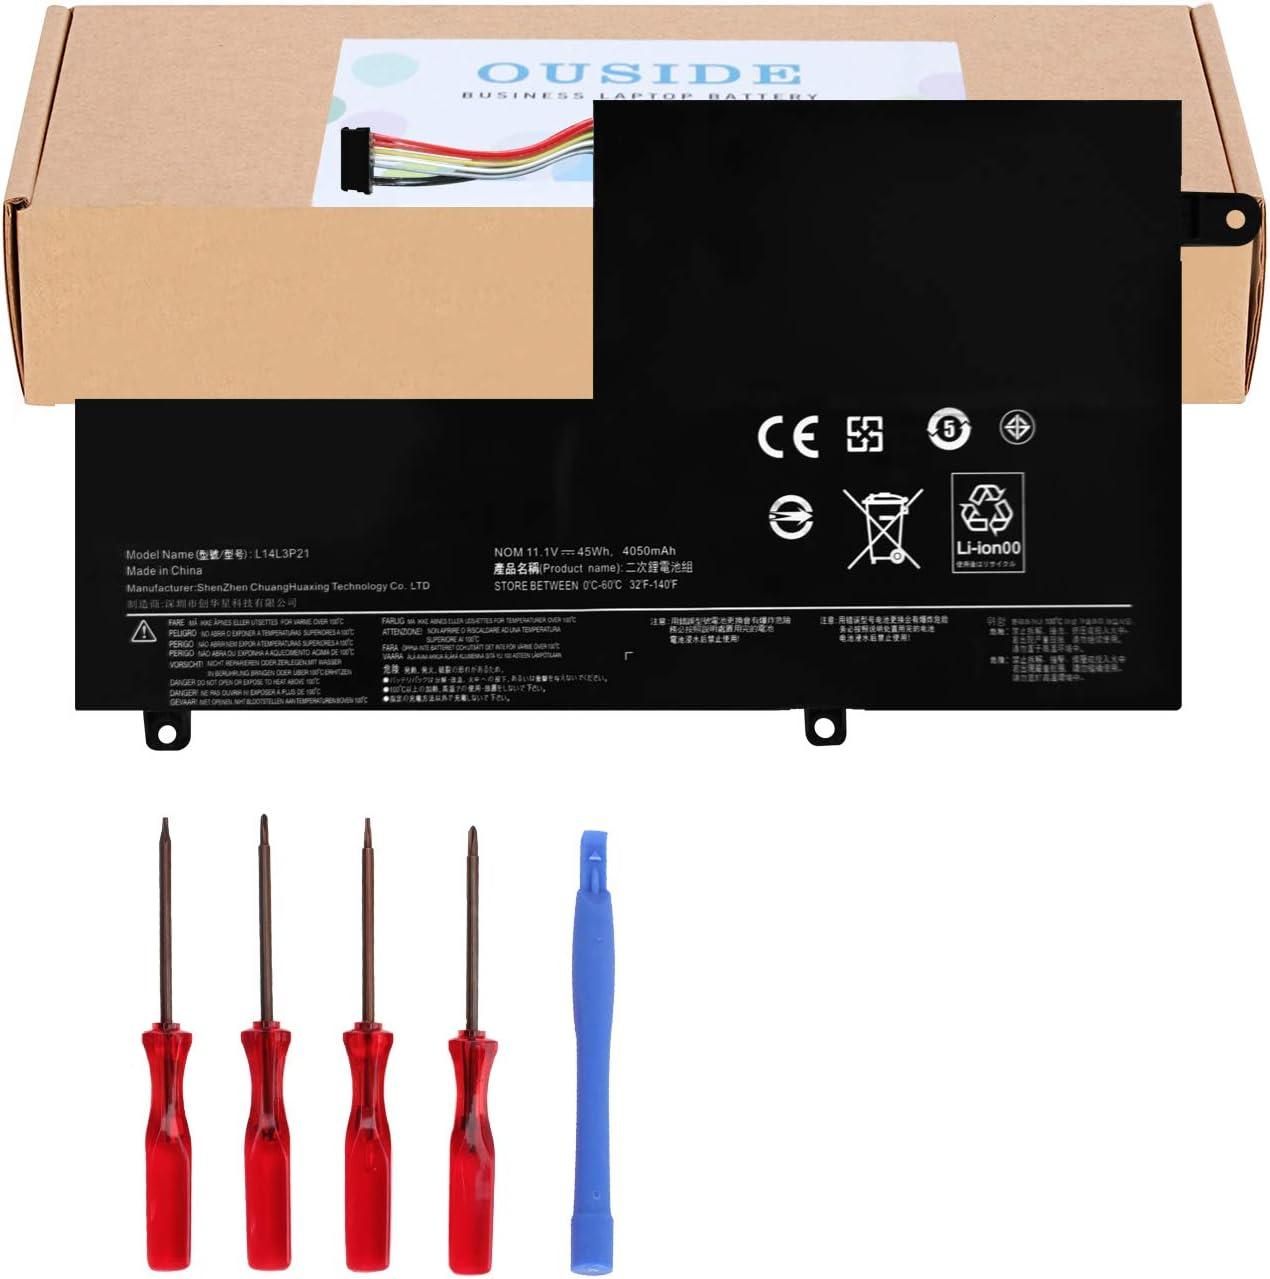 OUSIDE New L14L3P21/L14M3P21 Laptop Battery Compatible with Lenovo Flex 3 Flex 4 1470 1480 1570 1580 Edge 2-1580 Ideapad 300S 310S Replacement Series L14M2P21 L14L2P21 L15L3PB0(Type C) [11.4V 45Wh]